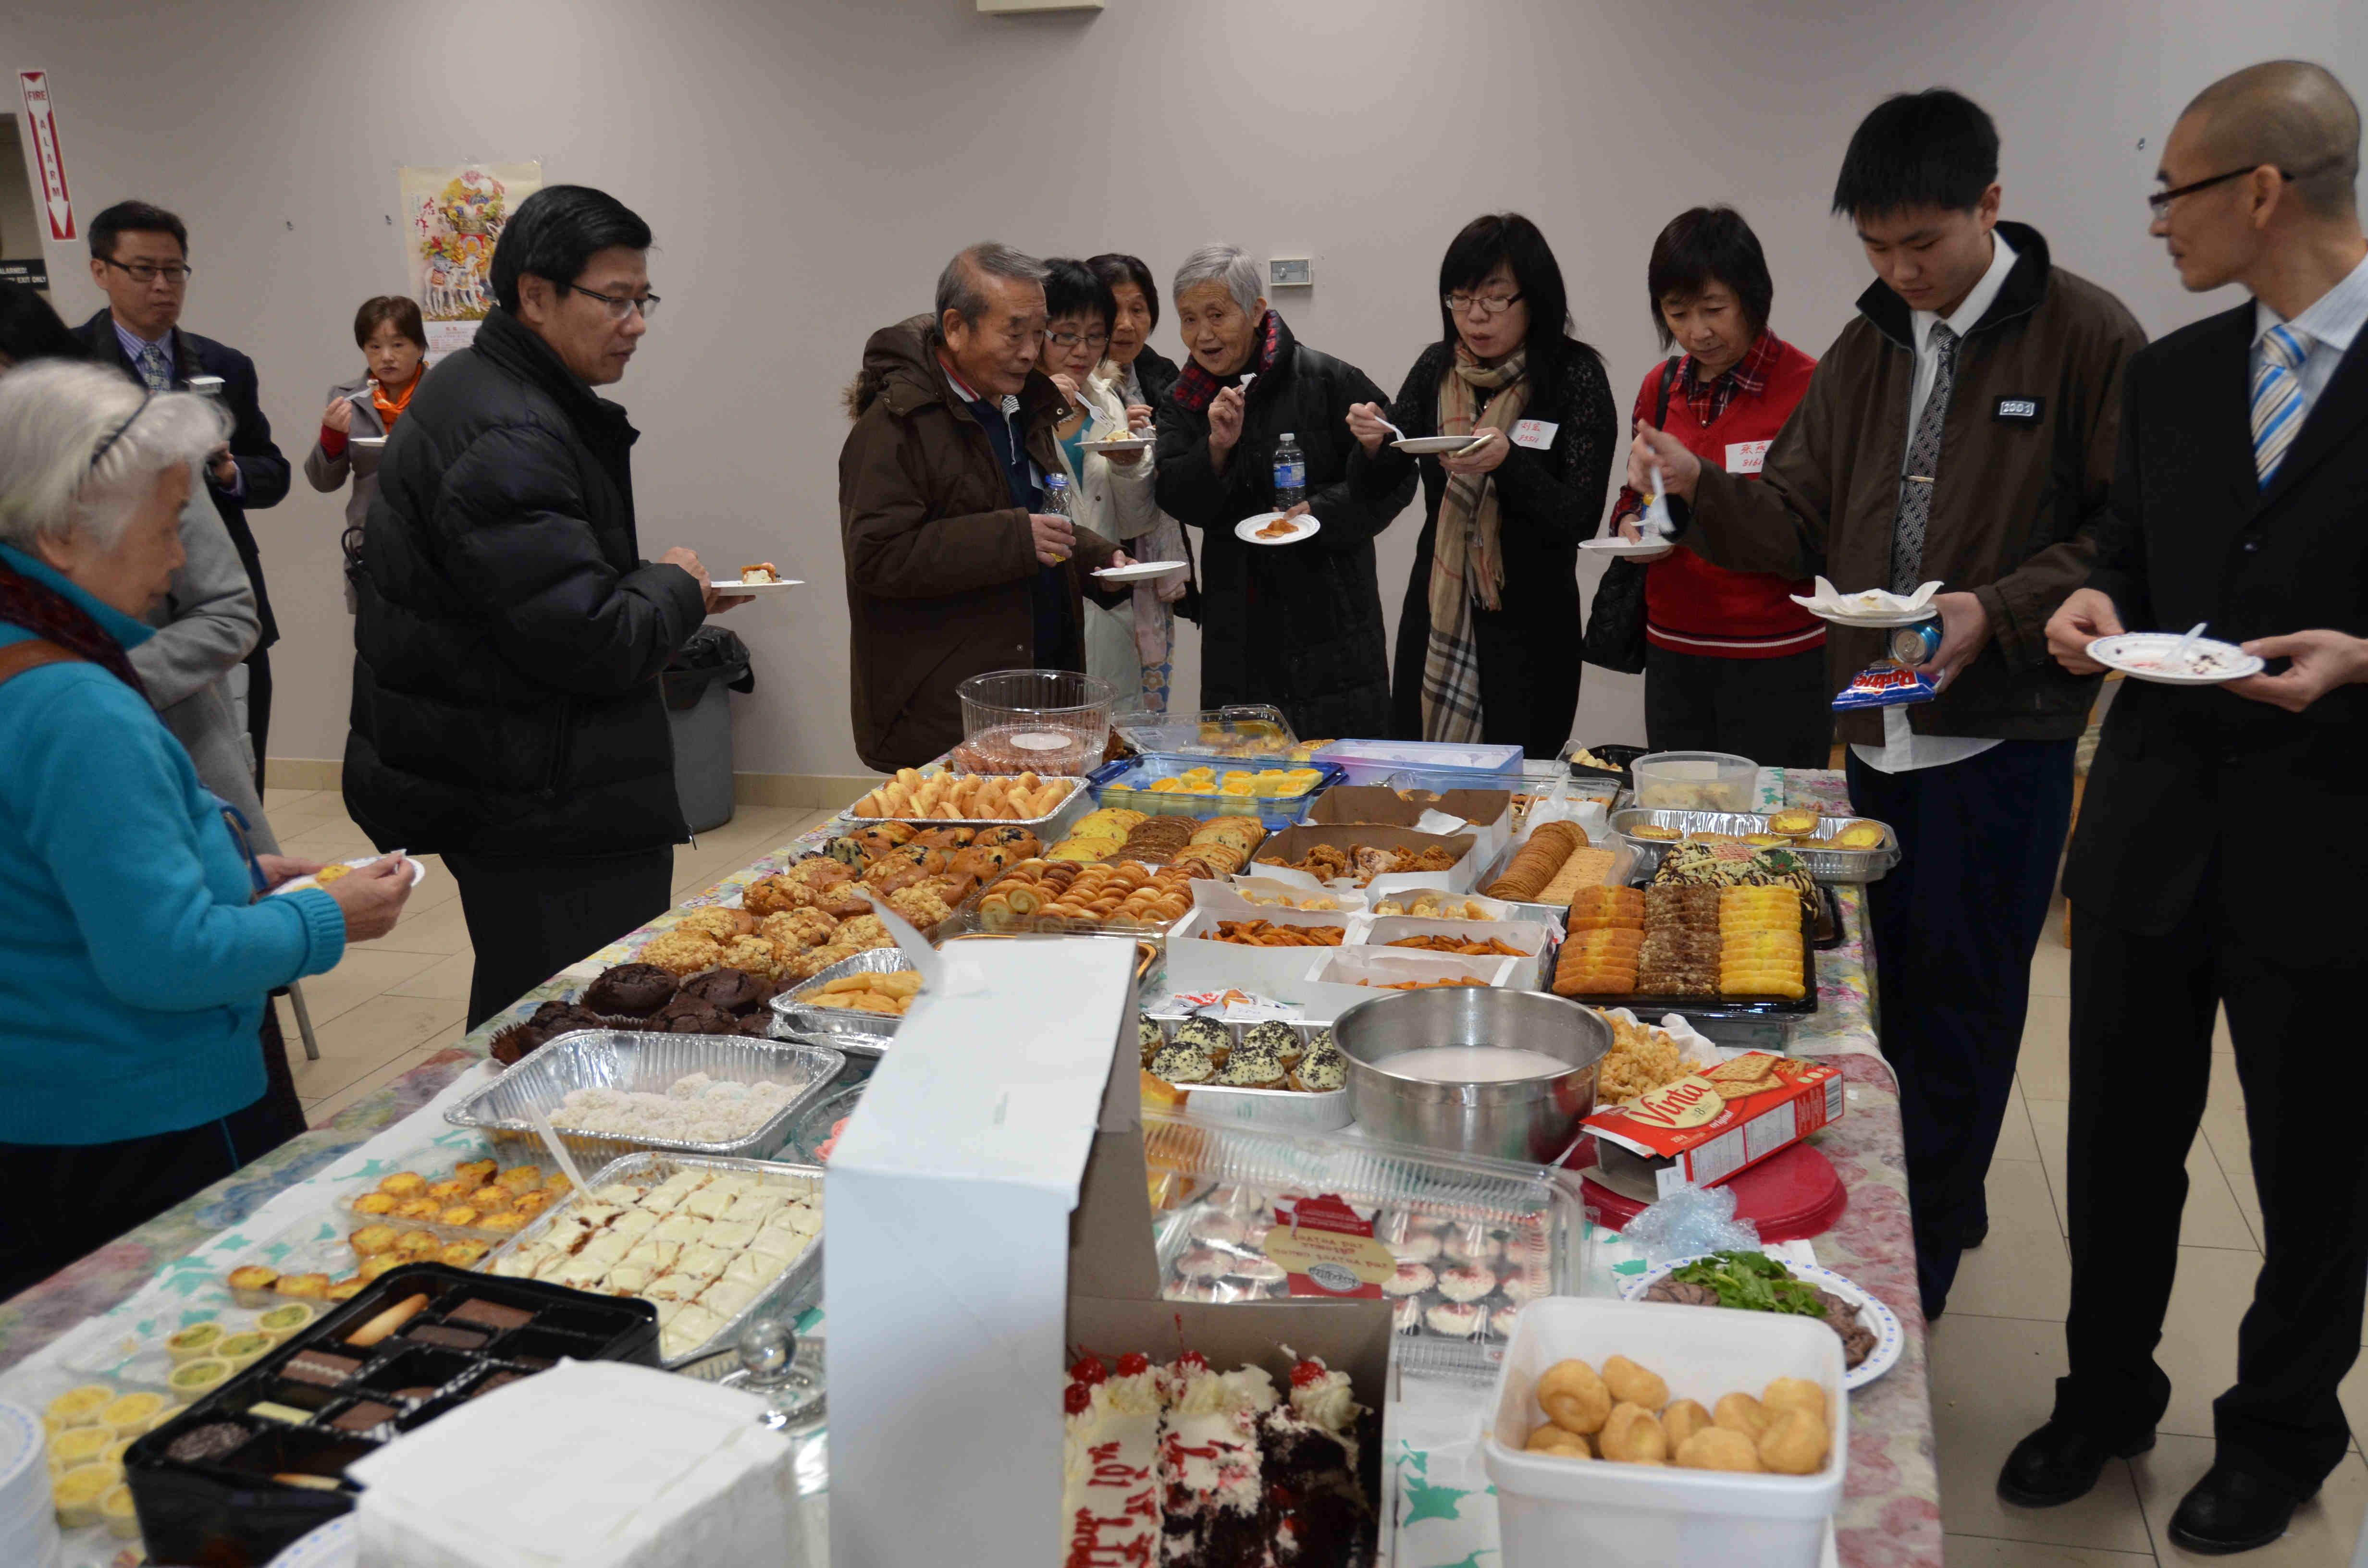 哈尔滨工程大学加拿大校友会2014圣诞聚会报道 (陈家栋79111)